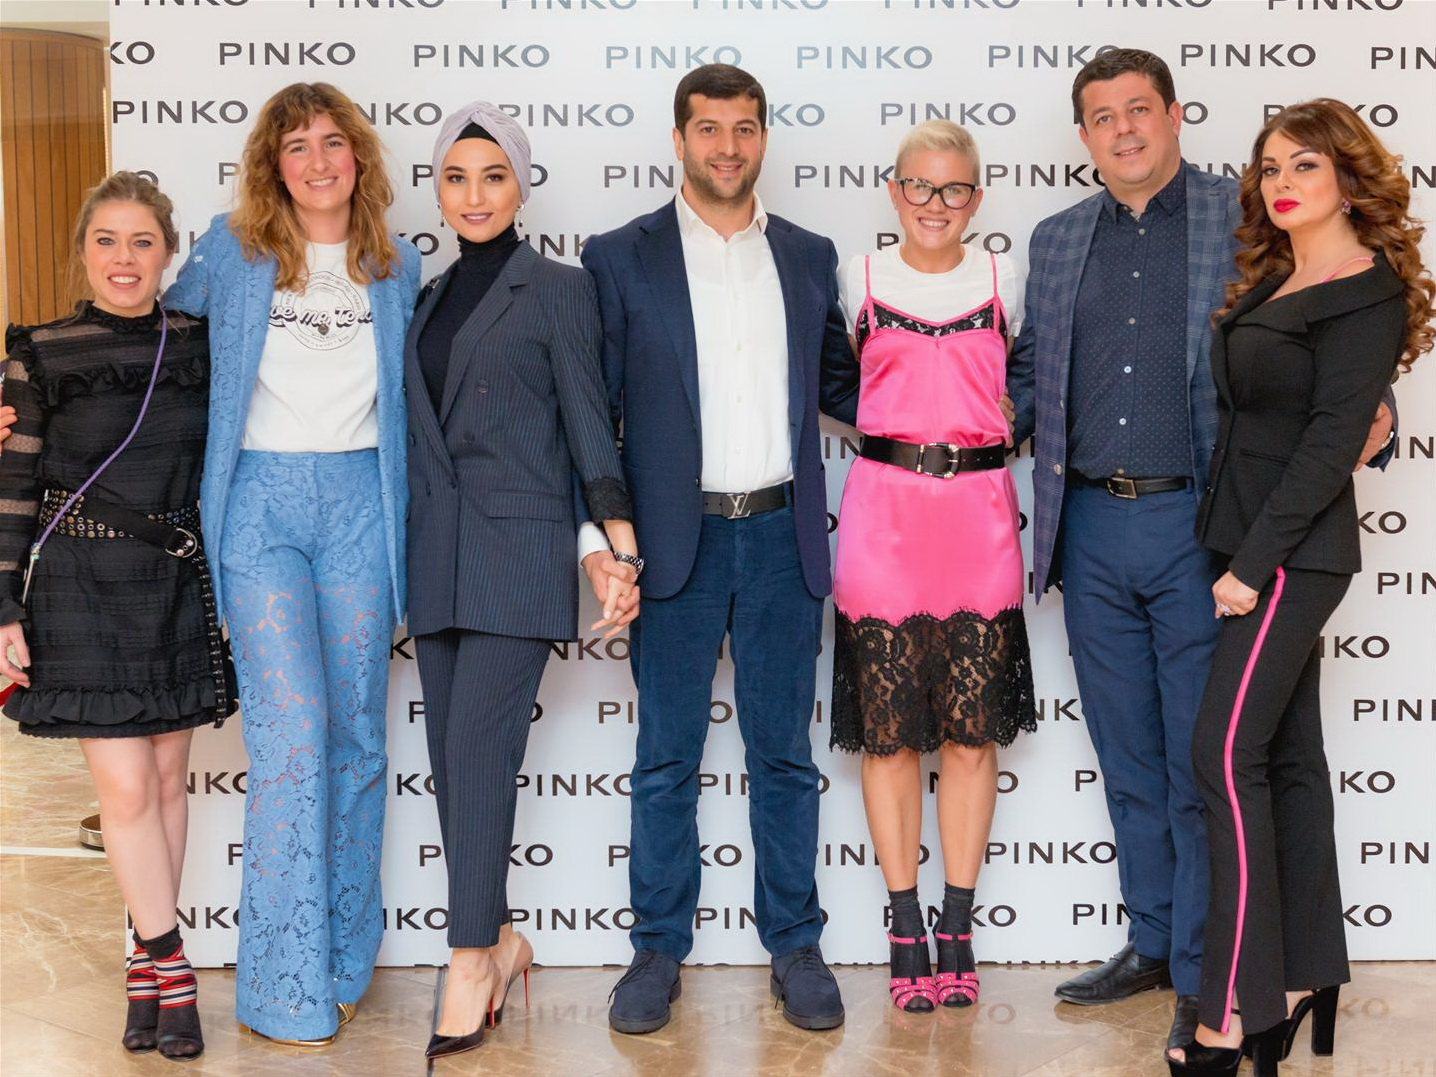 В Port Baku Mall состоялось торжественное открытие бутика итальянского бренда Pinko - ФОТО - ВИДЕО